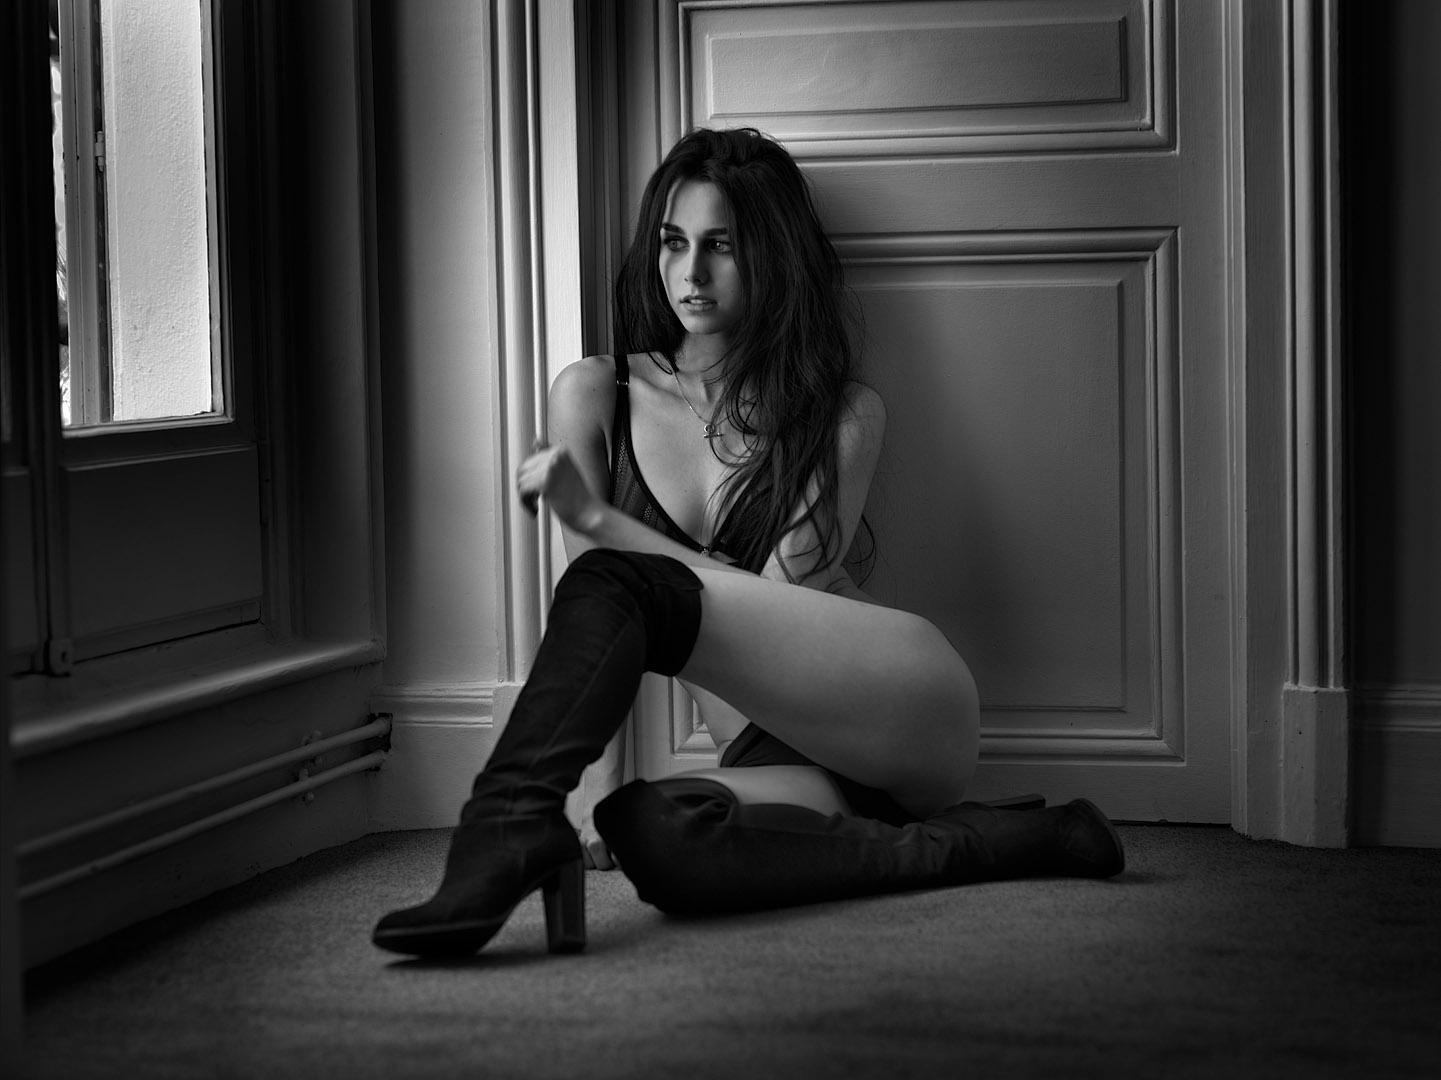 Juliette-170516_0318